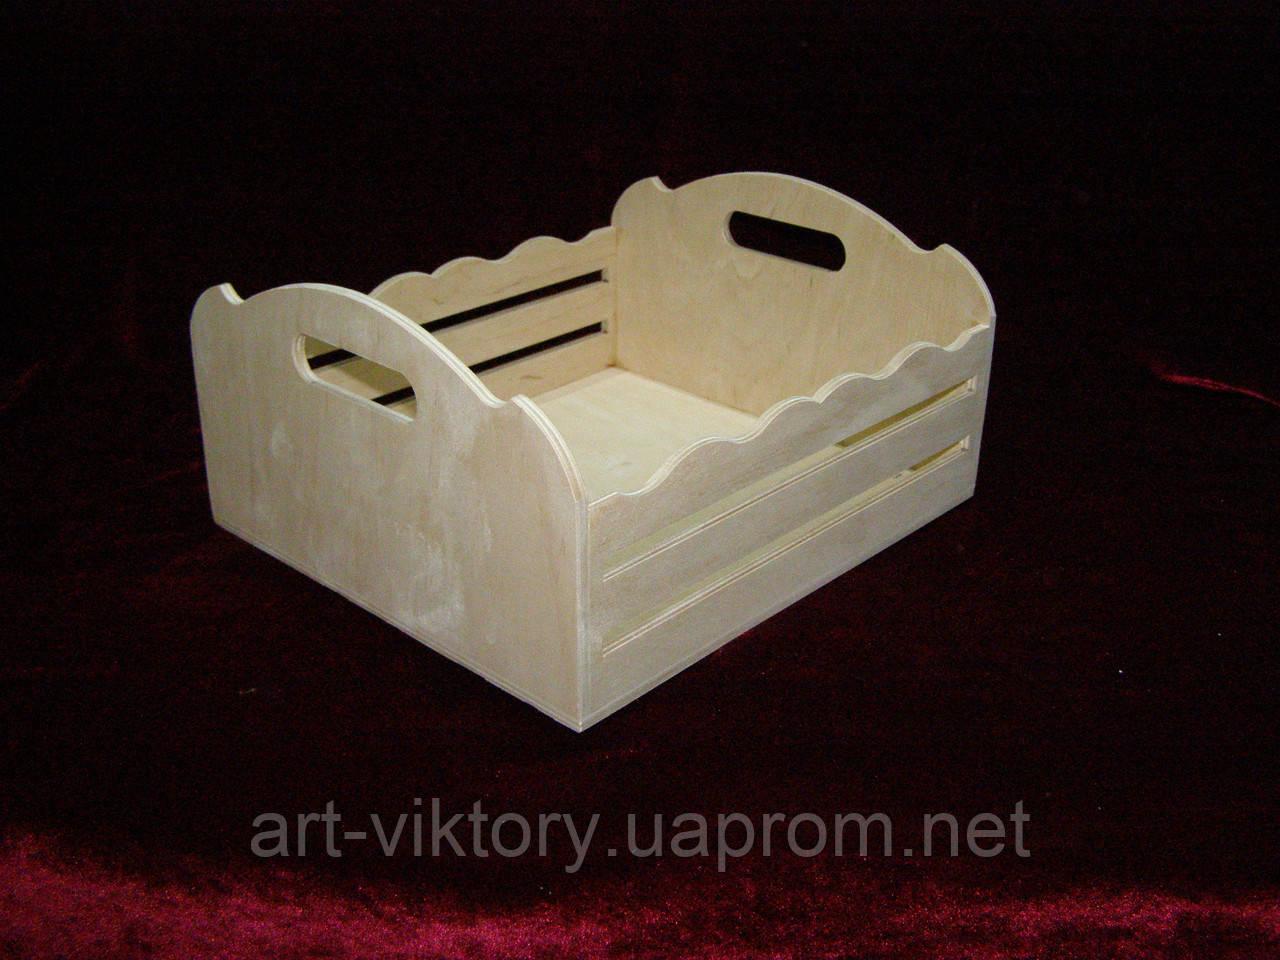 Короб с прорезями, фруктовница (27,5 х 24 х 13,5 см)